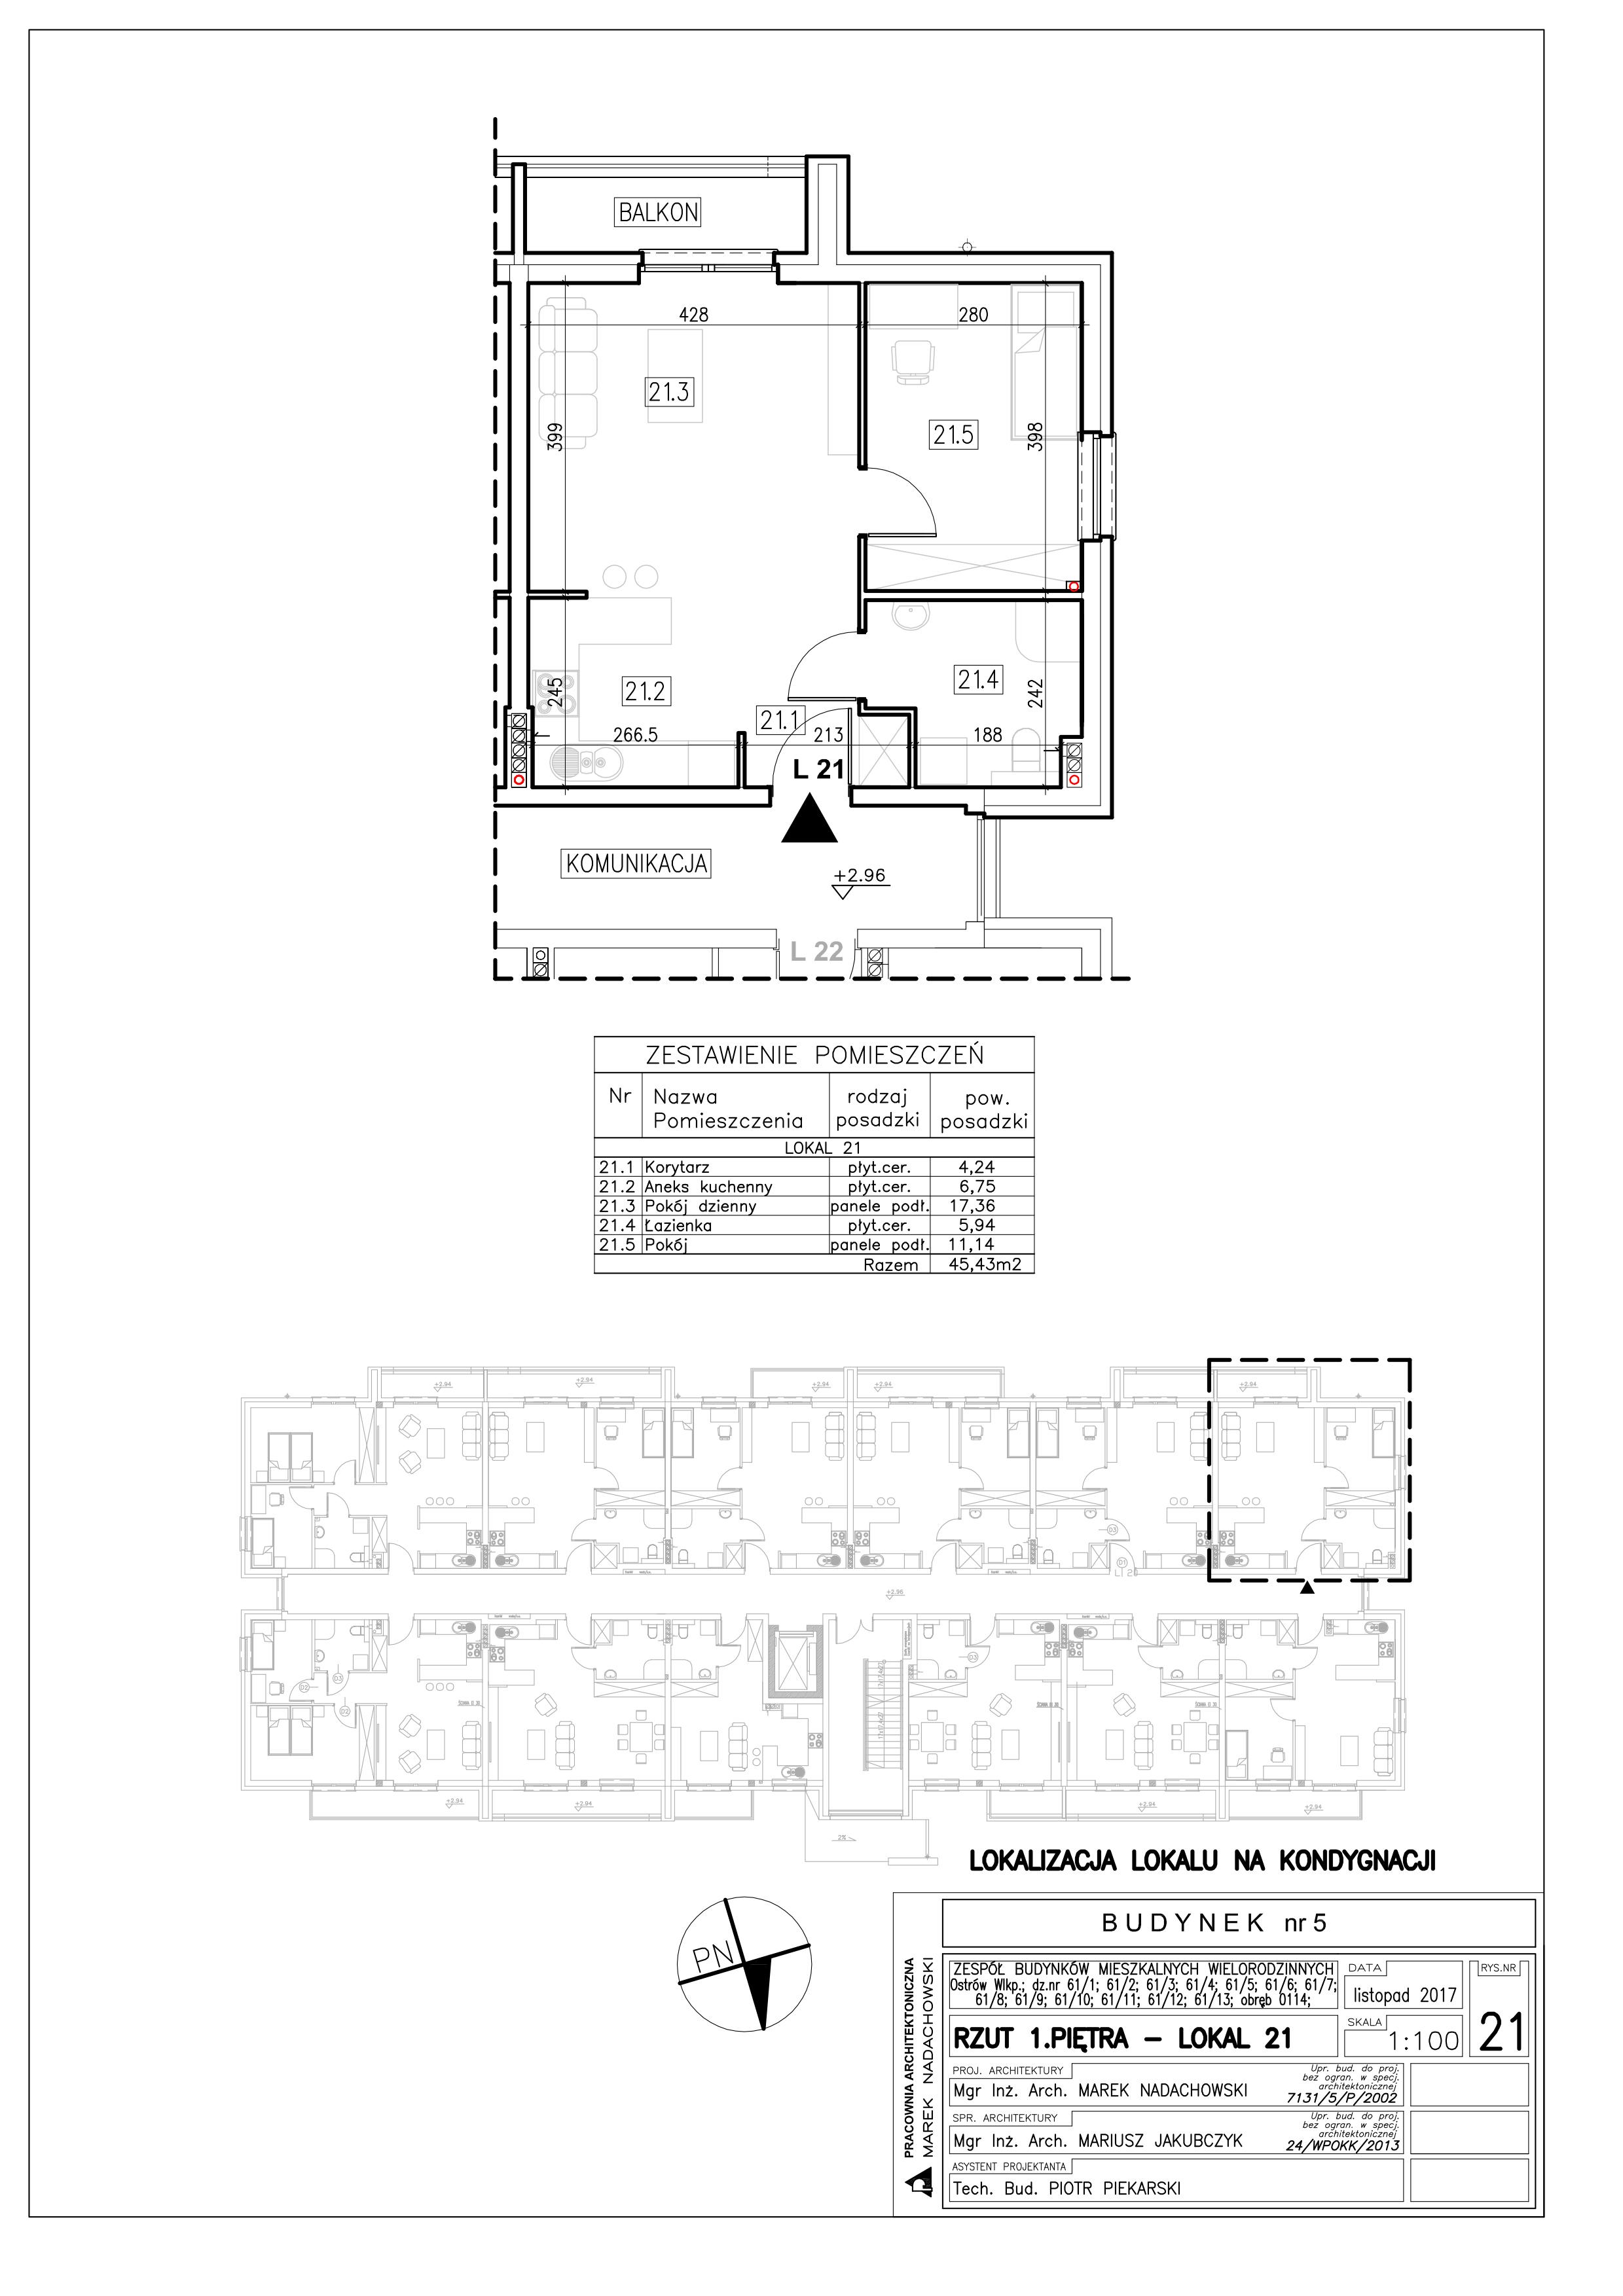 Lokal nr 21 Powierzchnia: 45,43 m2